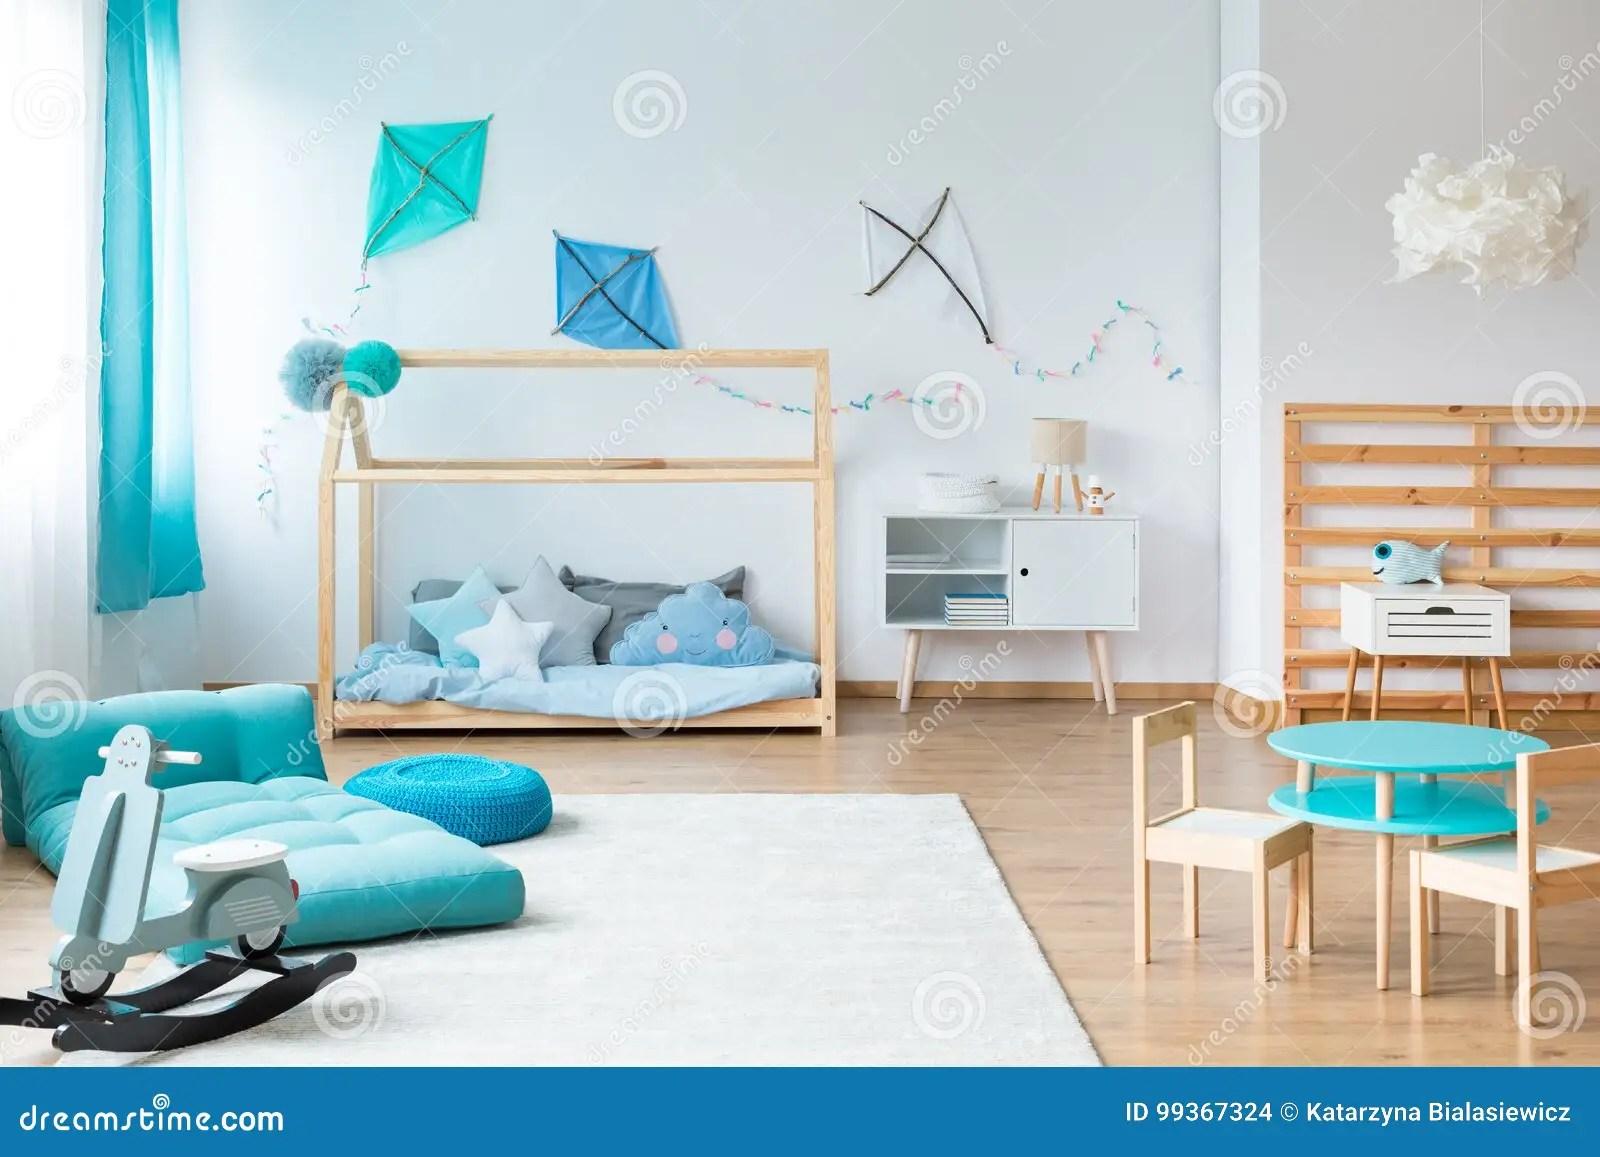 badine la chambre a coucher avec les meubles faits main